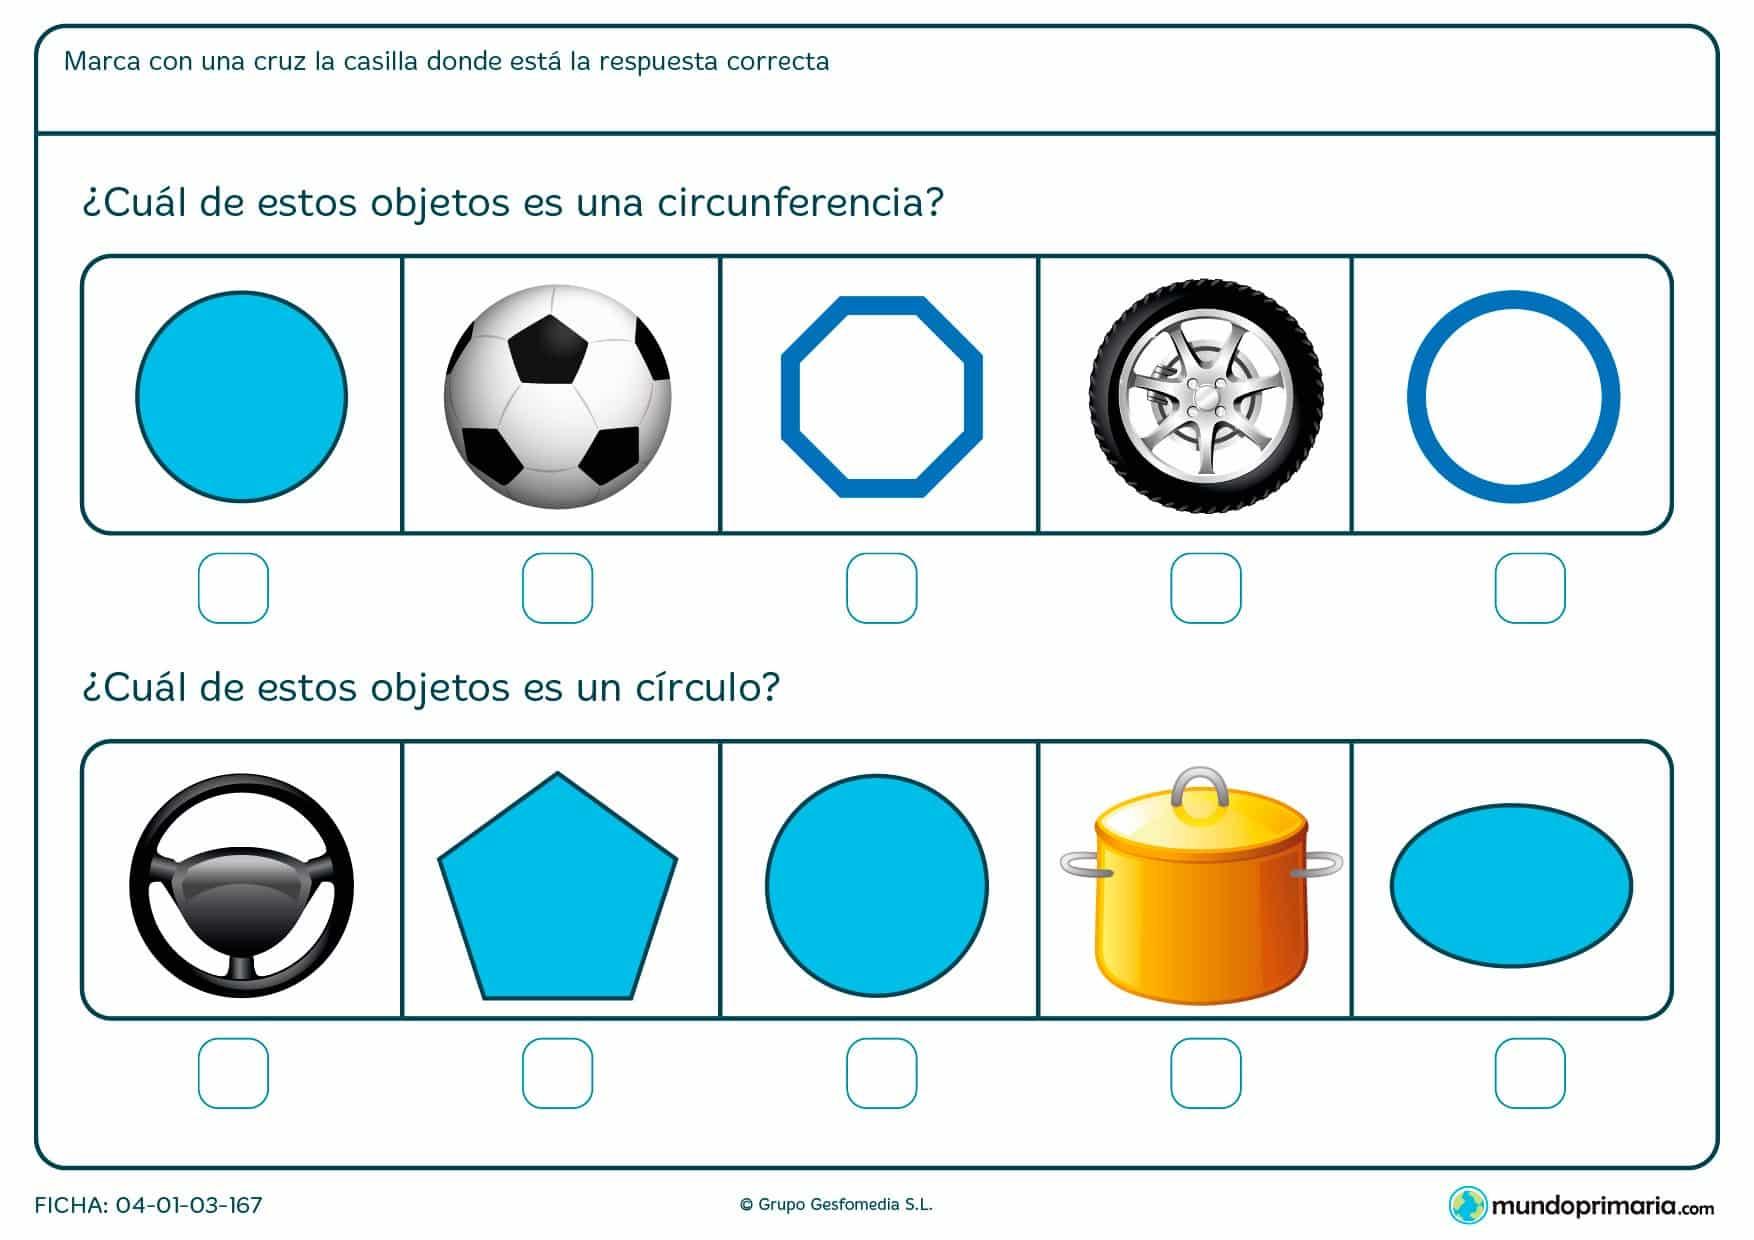 Ficha de círculos en la que debes marcar que objetos son circunferencias y cuáles círculos.